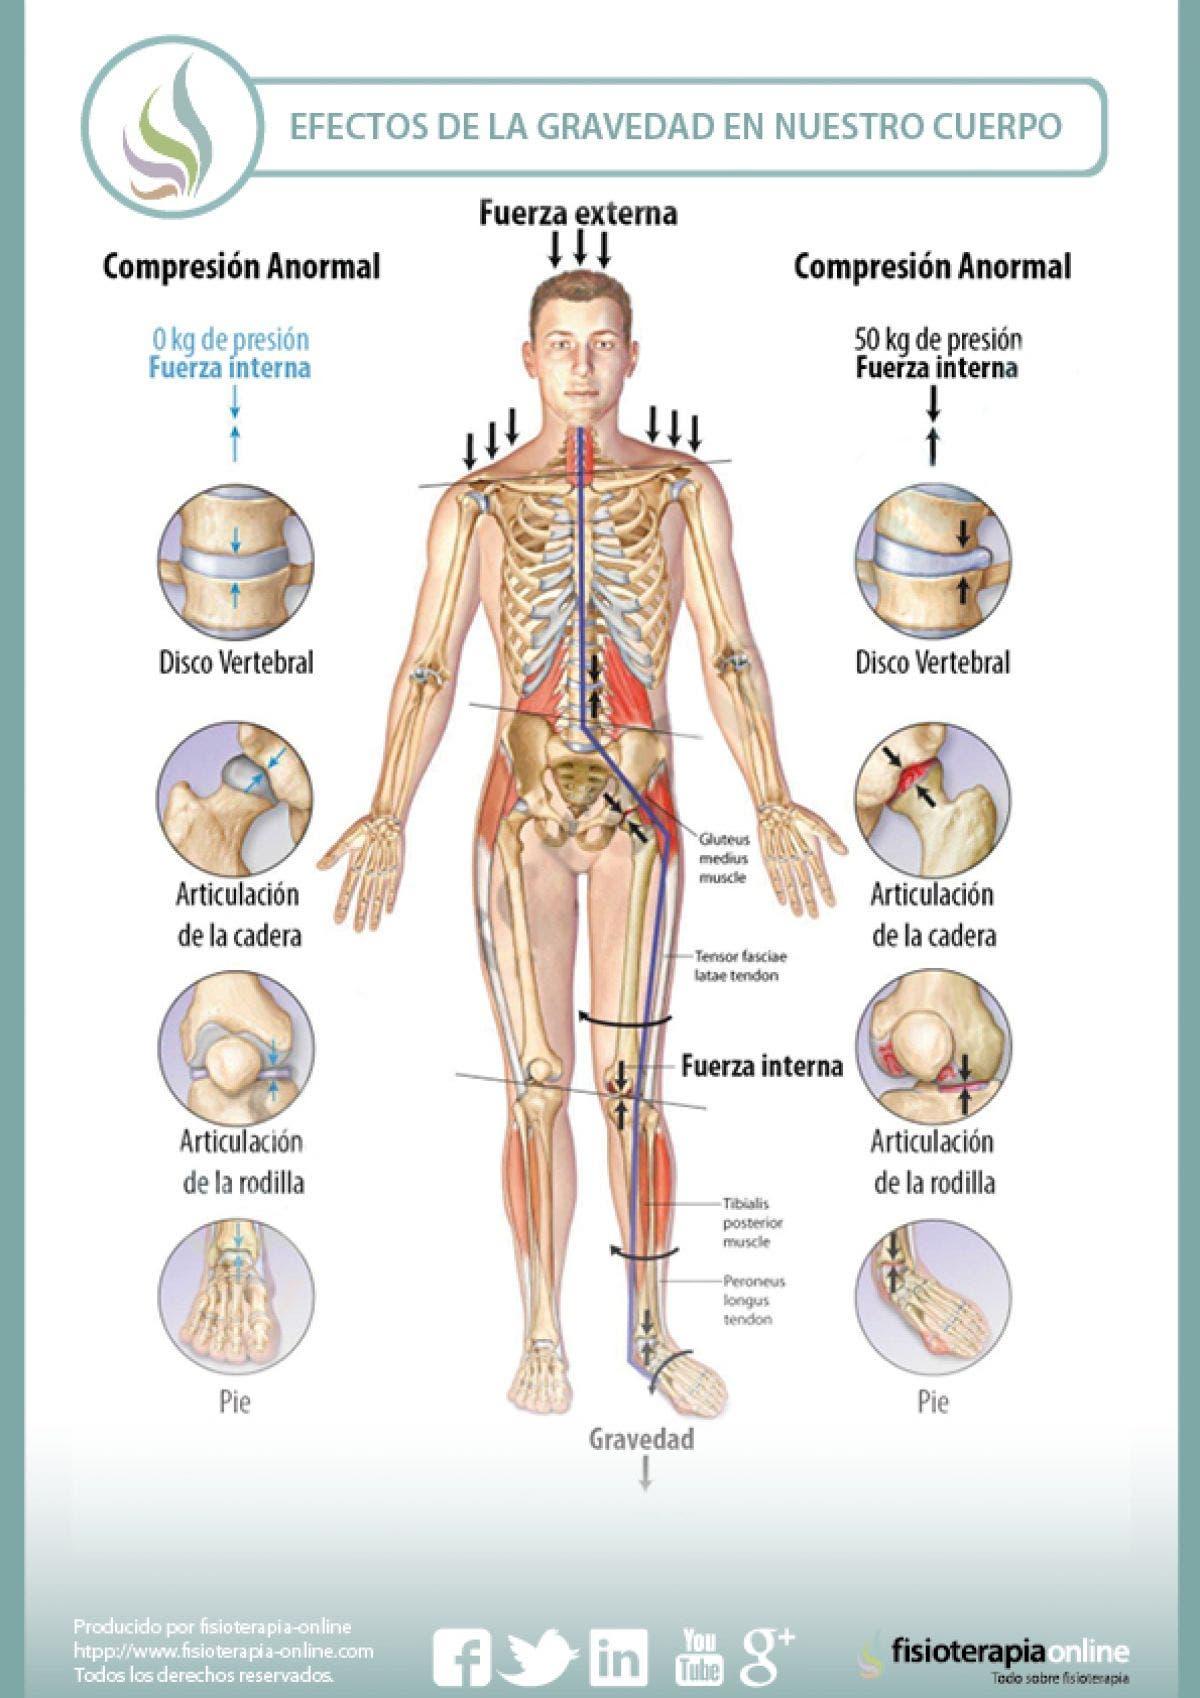 Los efectos de la gravedad sobre nuestro cuerpo y las articulaciones ...